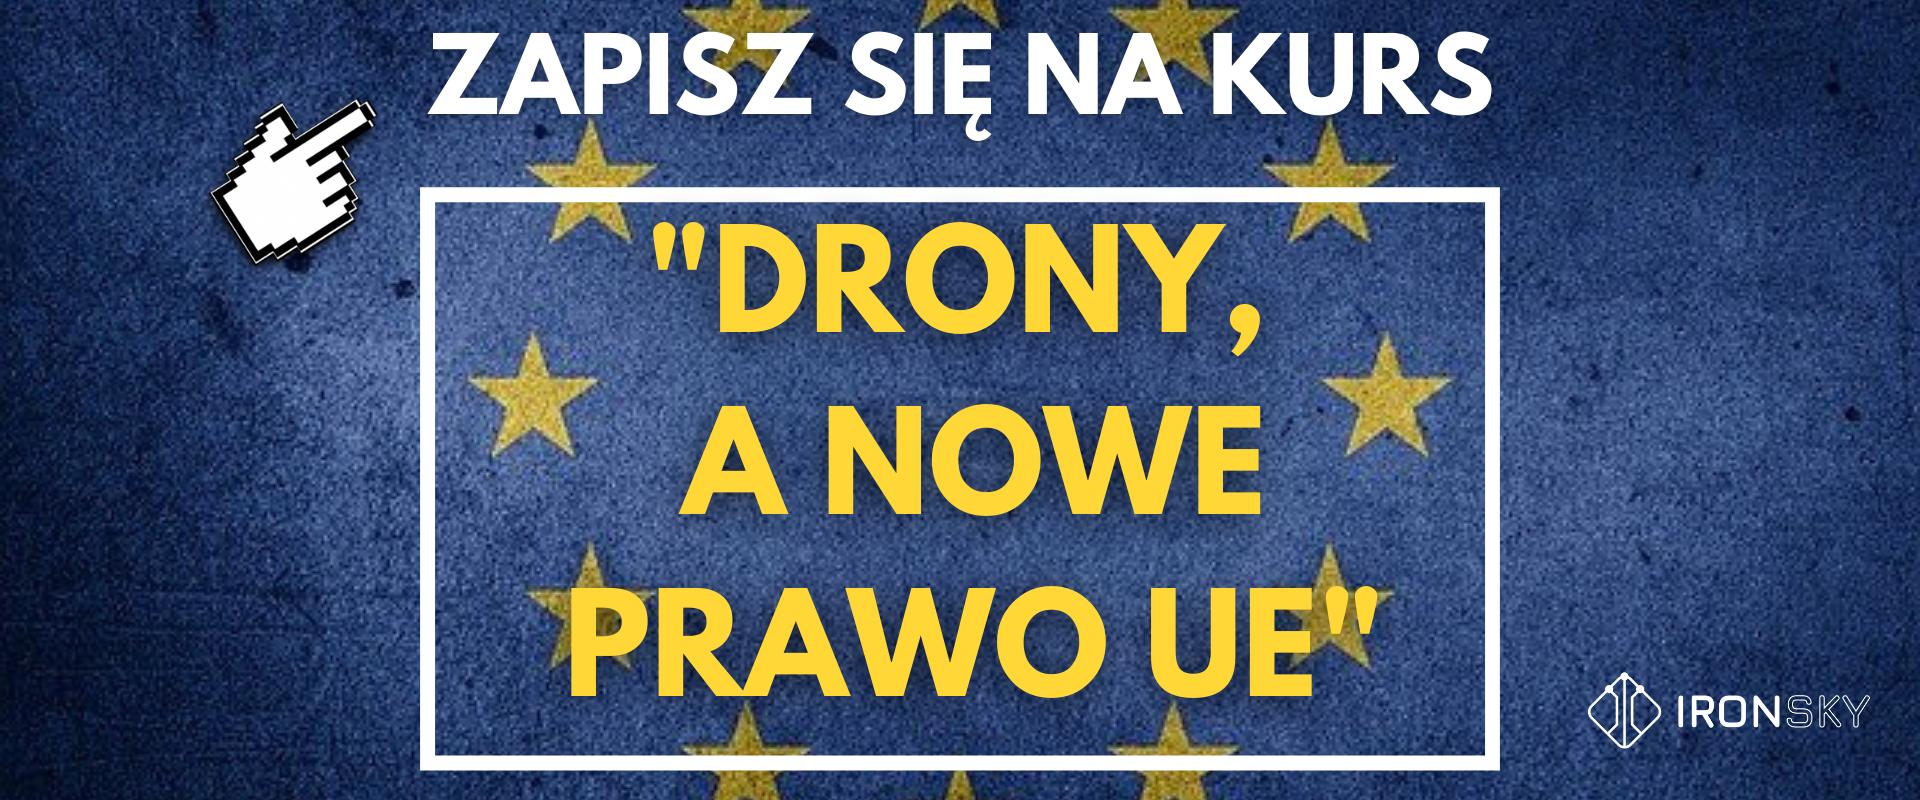 _DRONY, A UE_ 1920x800 BANER STRONA WWW